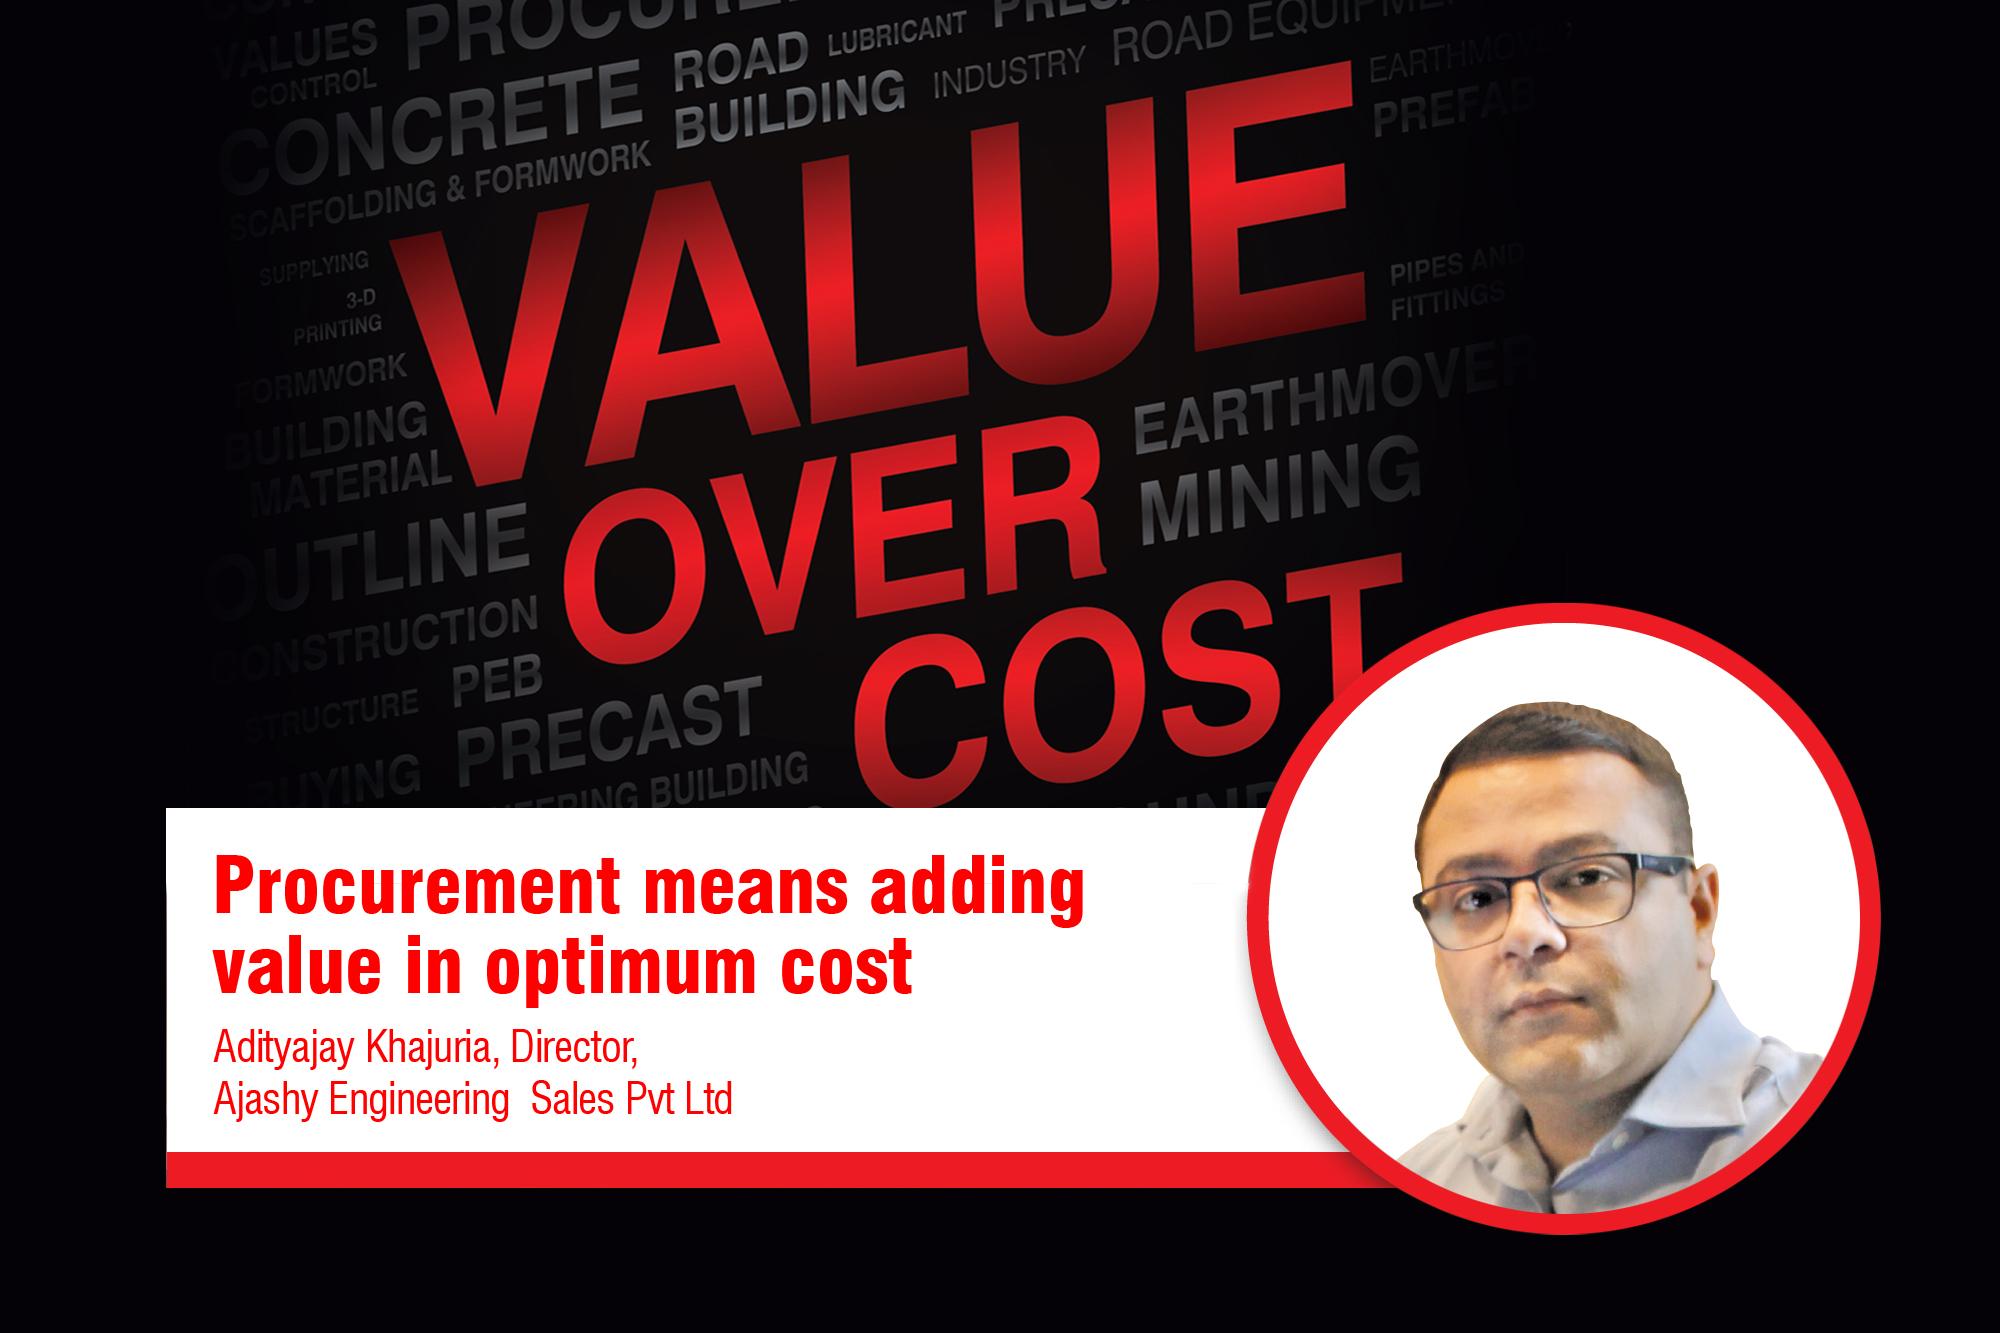 Procurement means adding value in optimum cost